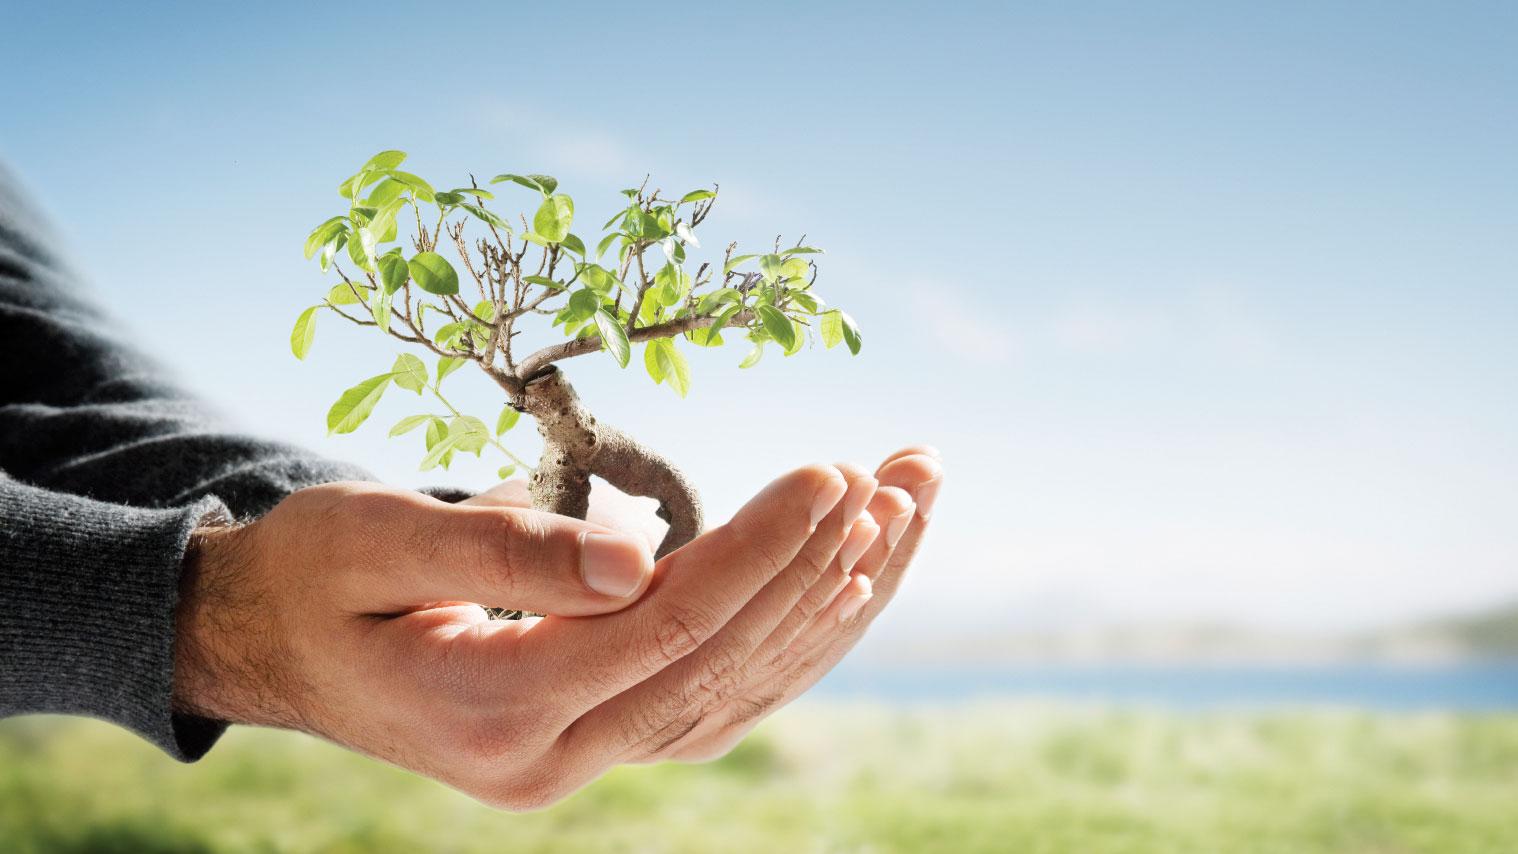 Sustentabilidad. Por Florencia Sambito